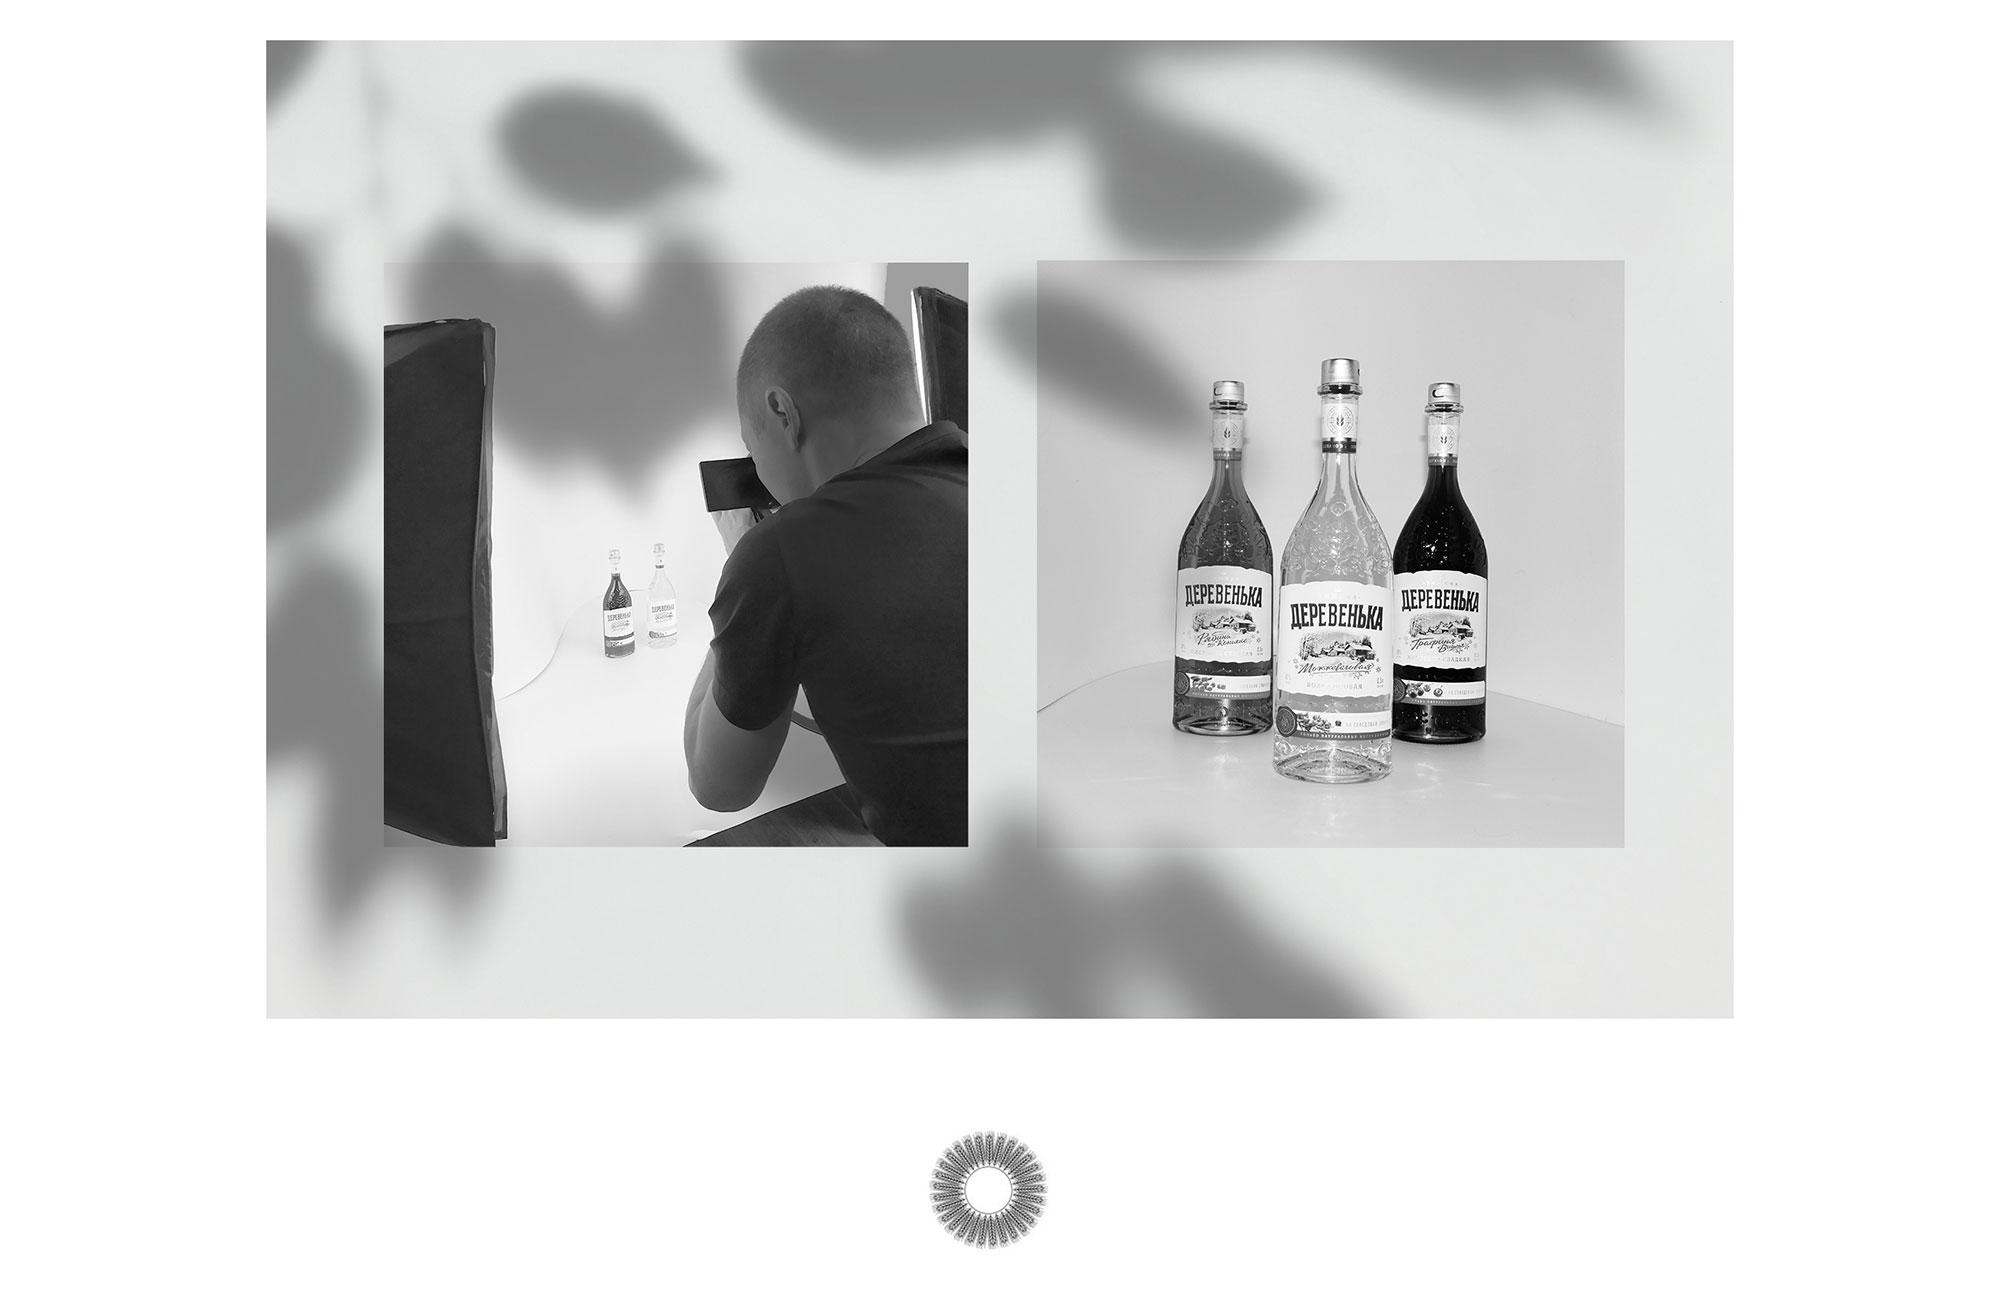 Фото-сессия водки Деревенька для сайта лендинга